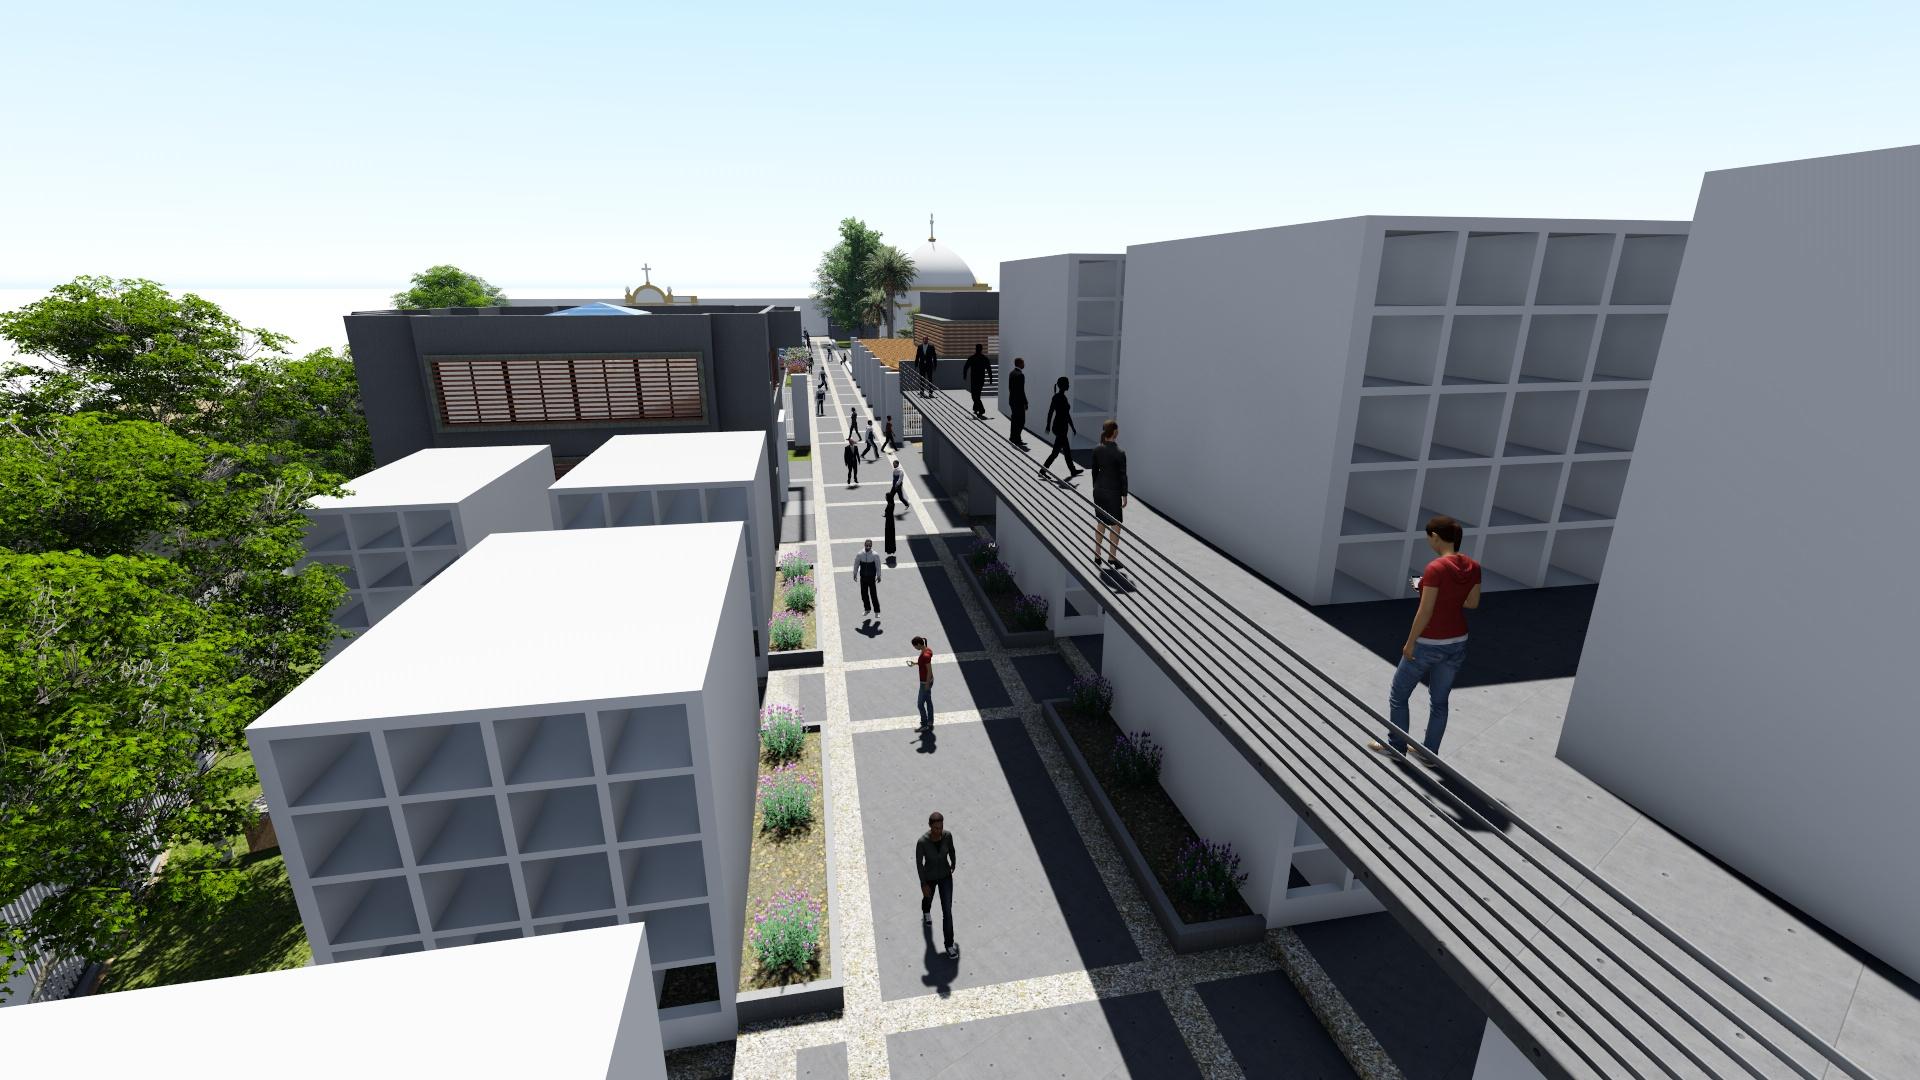 Proyecto de ampliación del  Cementerio de Antofagasta | Municipalidad de Antofagasta